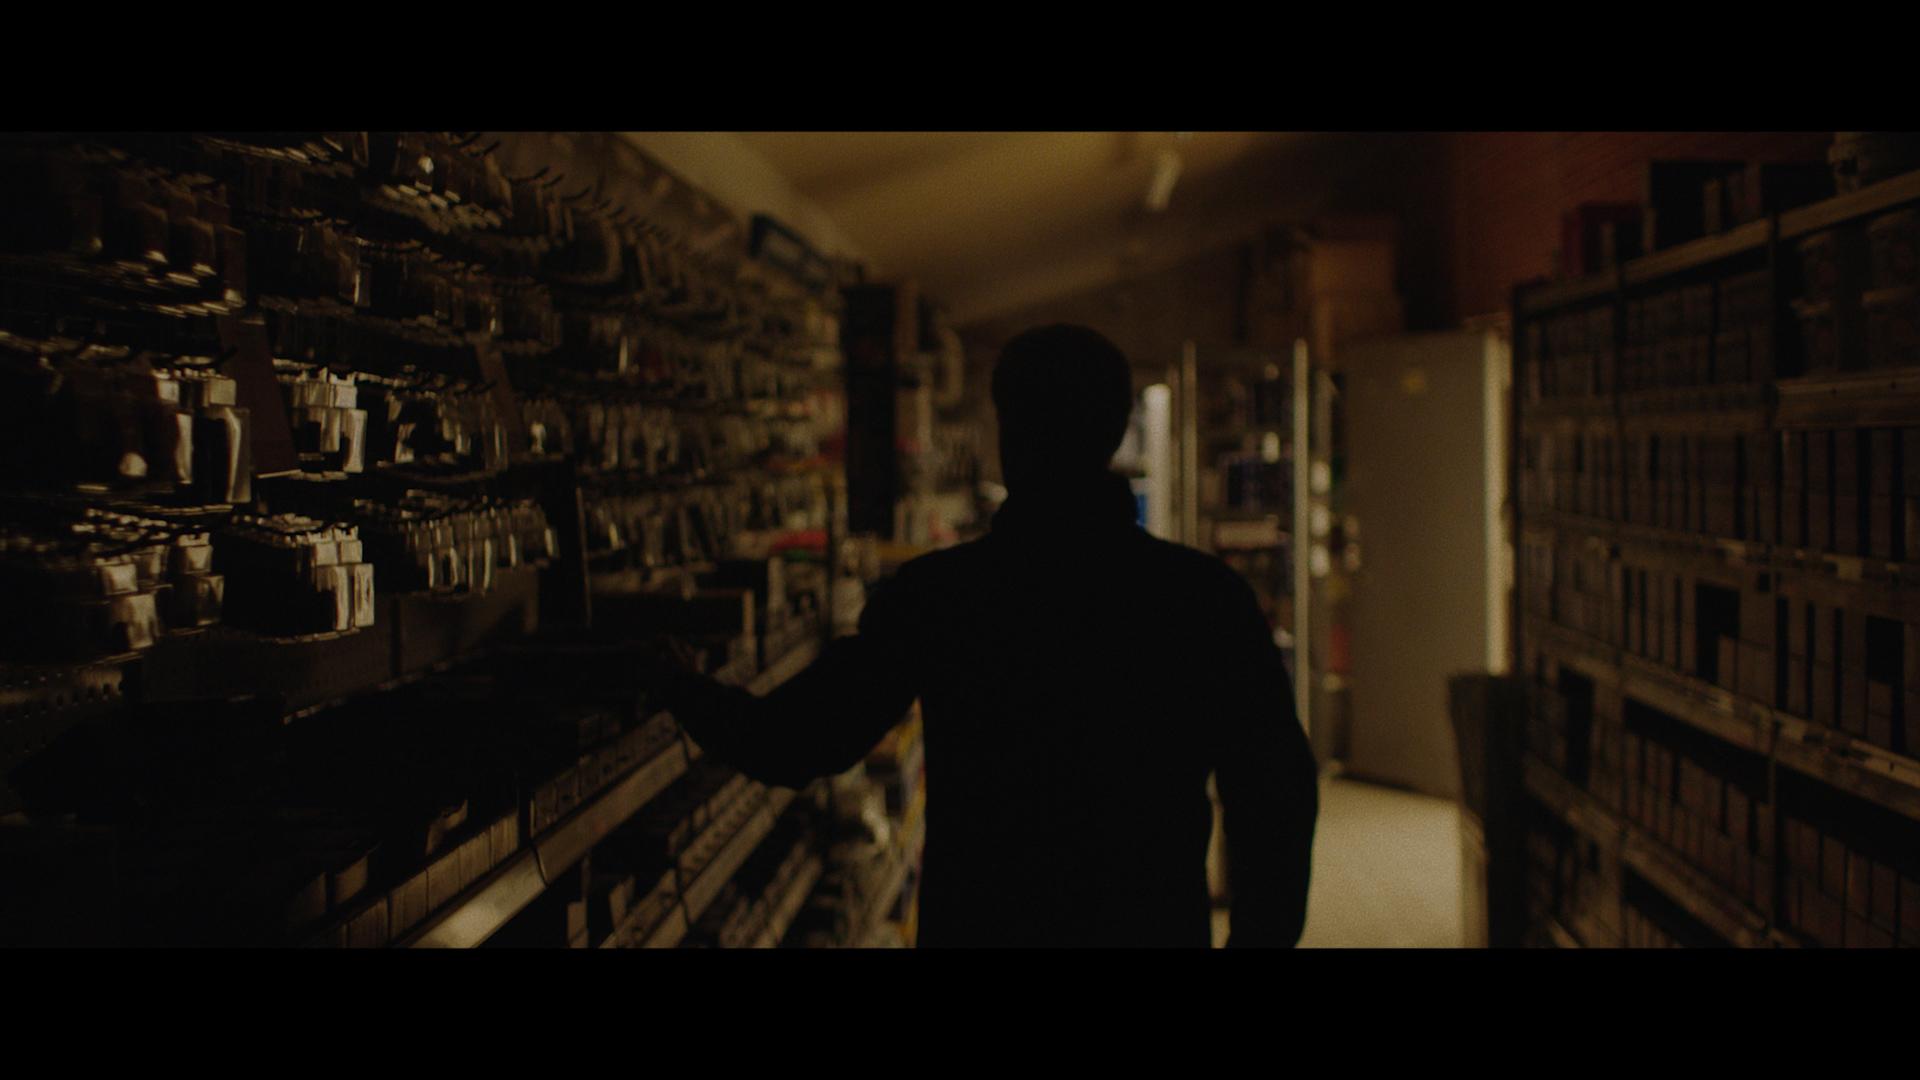 XL_Byg_Image_Film1_16_40s_42266.mov.00_00_27_12.Still004